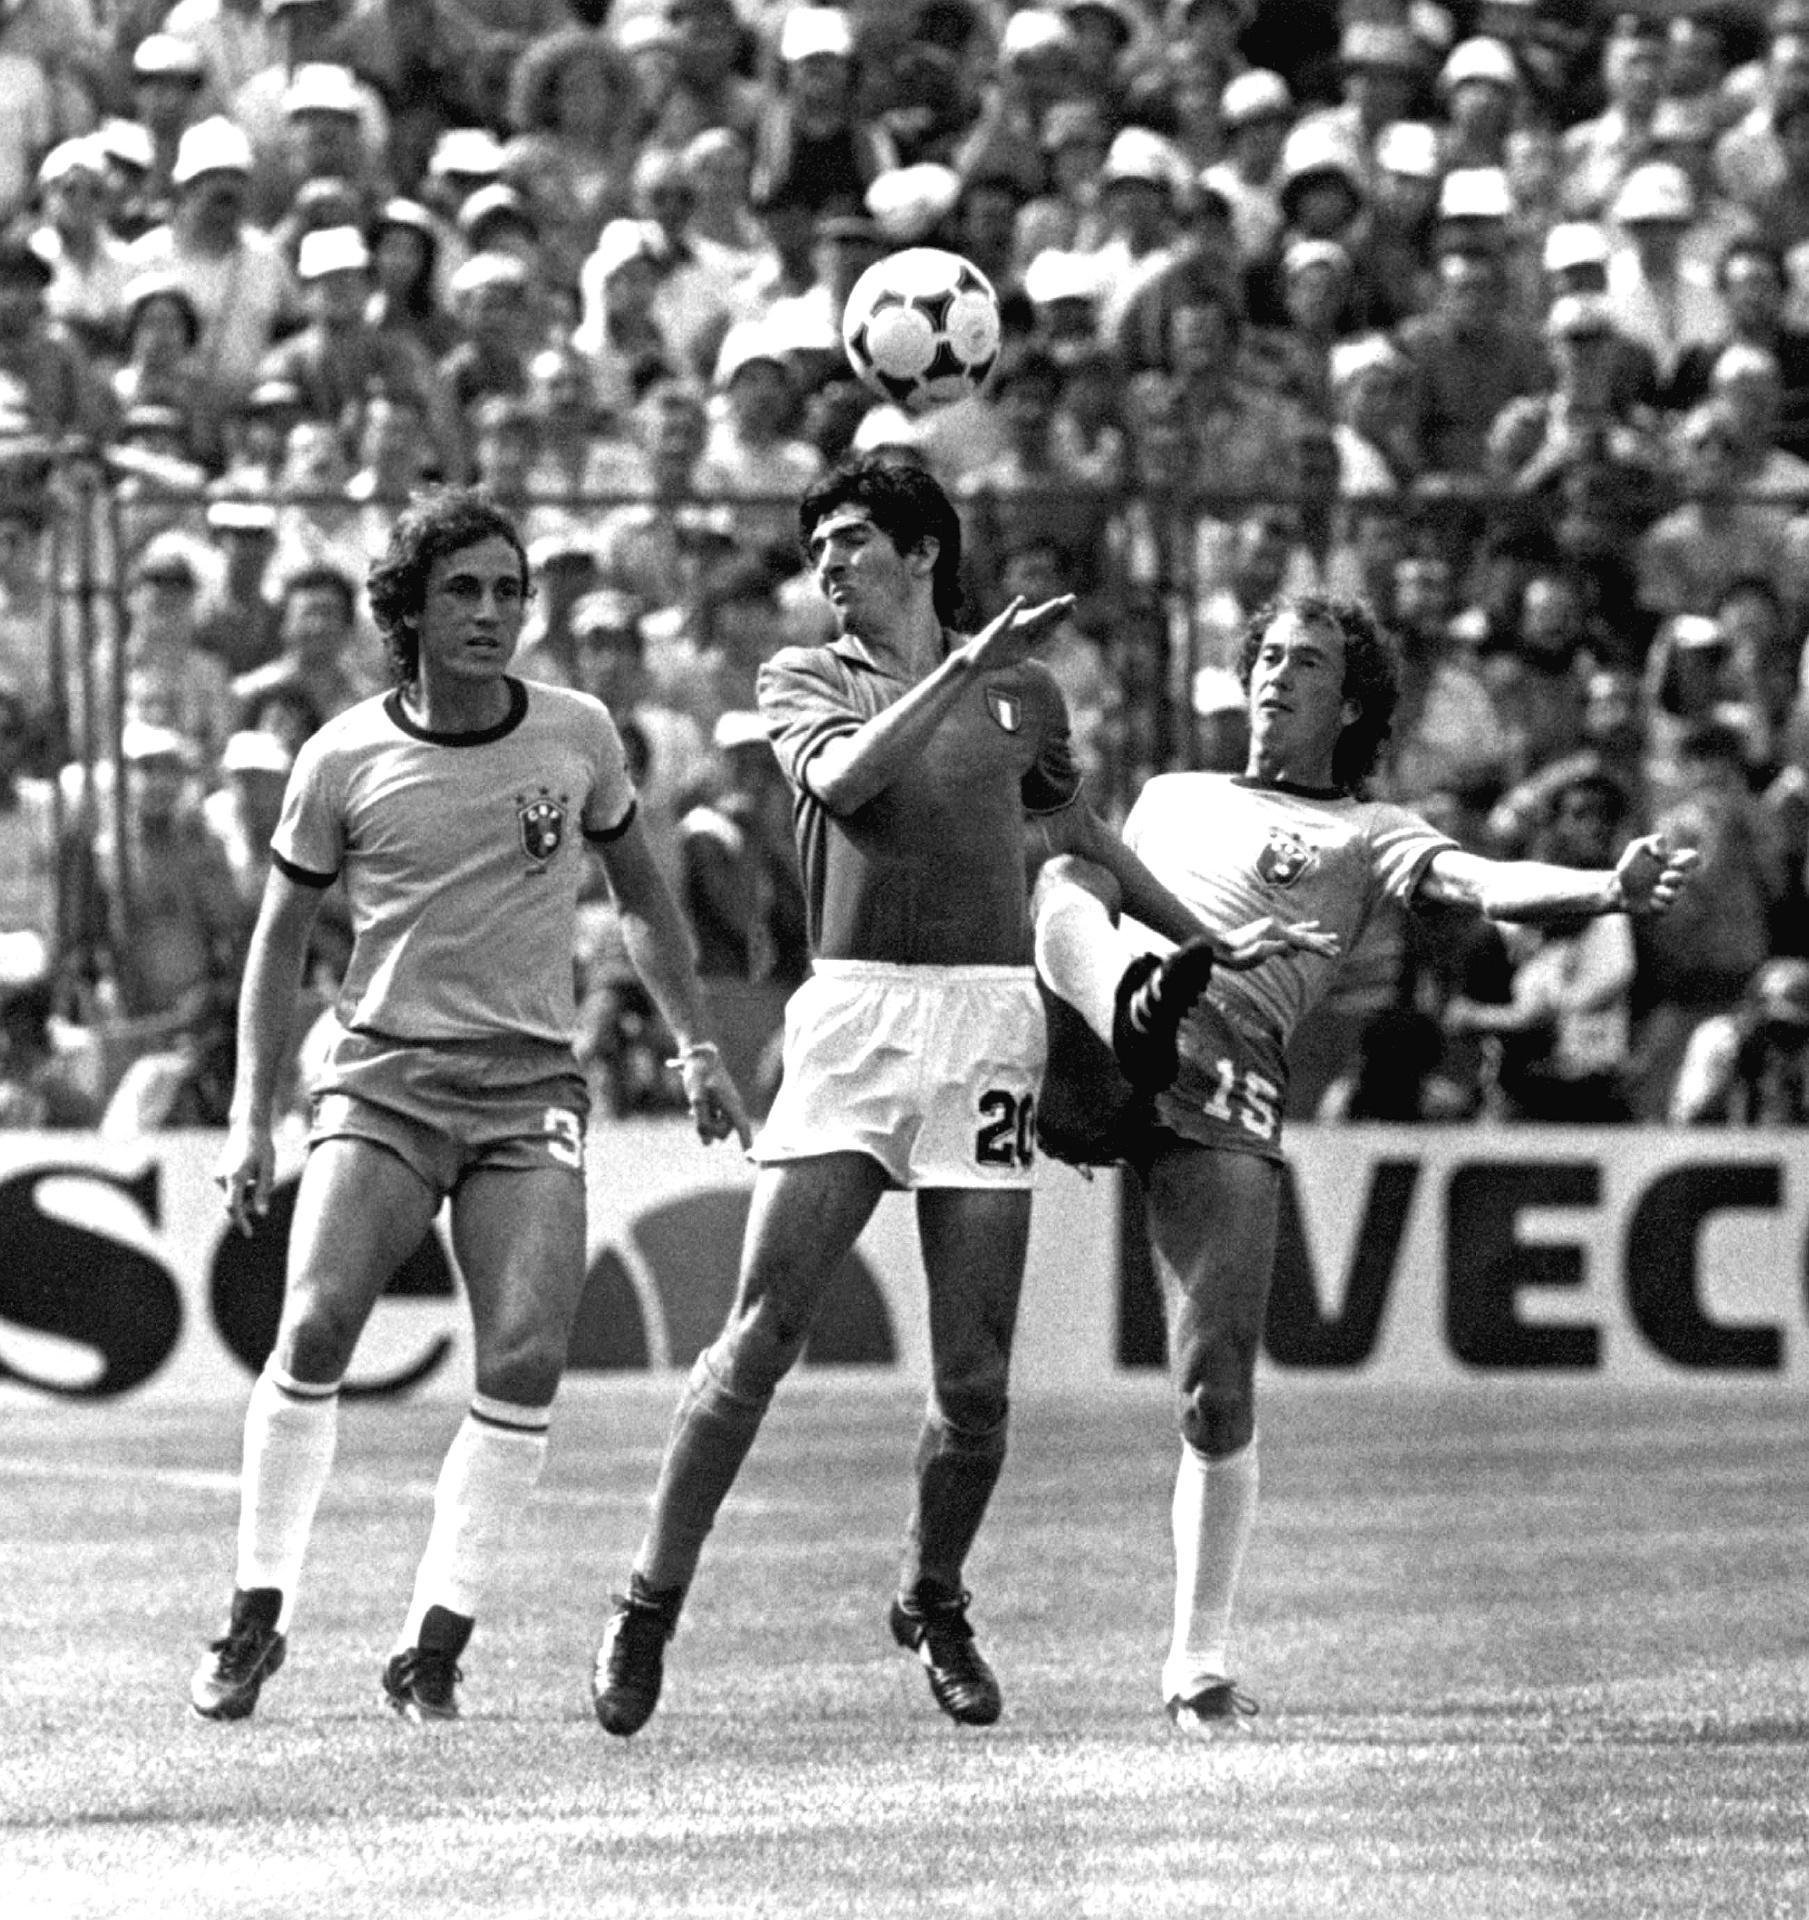 Craques da seleção de 82  onde Brasil errou e o que Tite não deve fazer  -  05 07 2017 - UOL Esporte fa49a4e677011